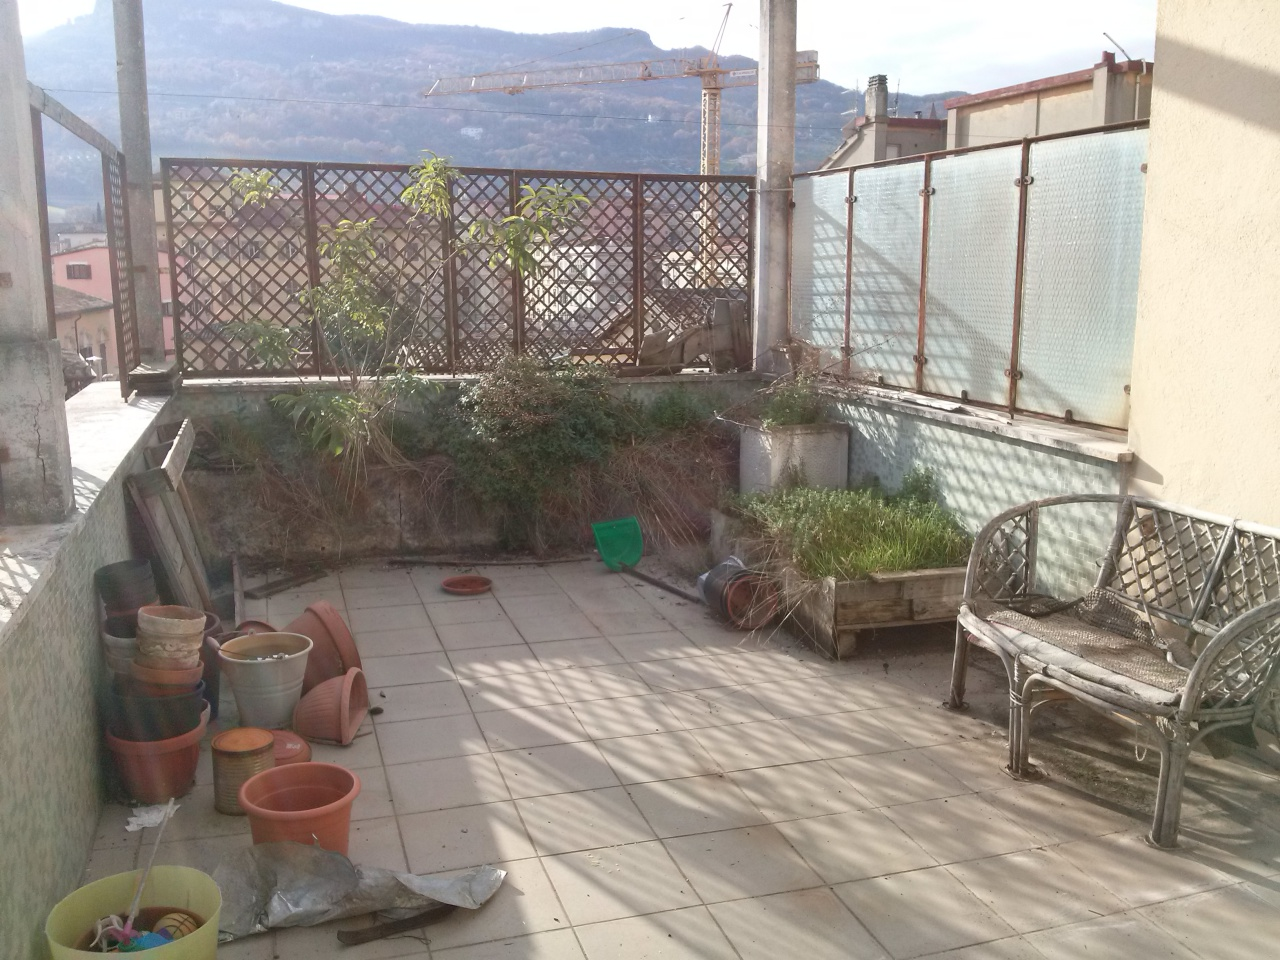 Appartamento in vendita a Ascoli Piceno, 9999 locali, zona Località: CentroStorico, prezzo € 180.000   Cambio Casa.it